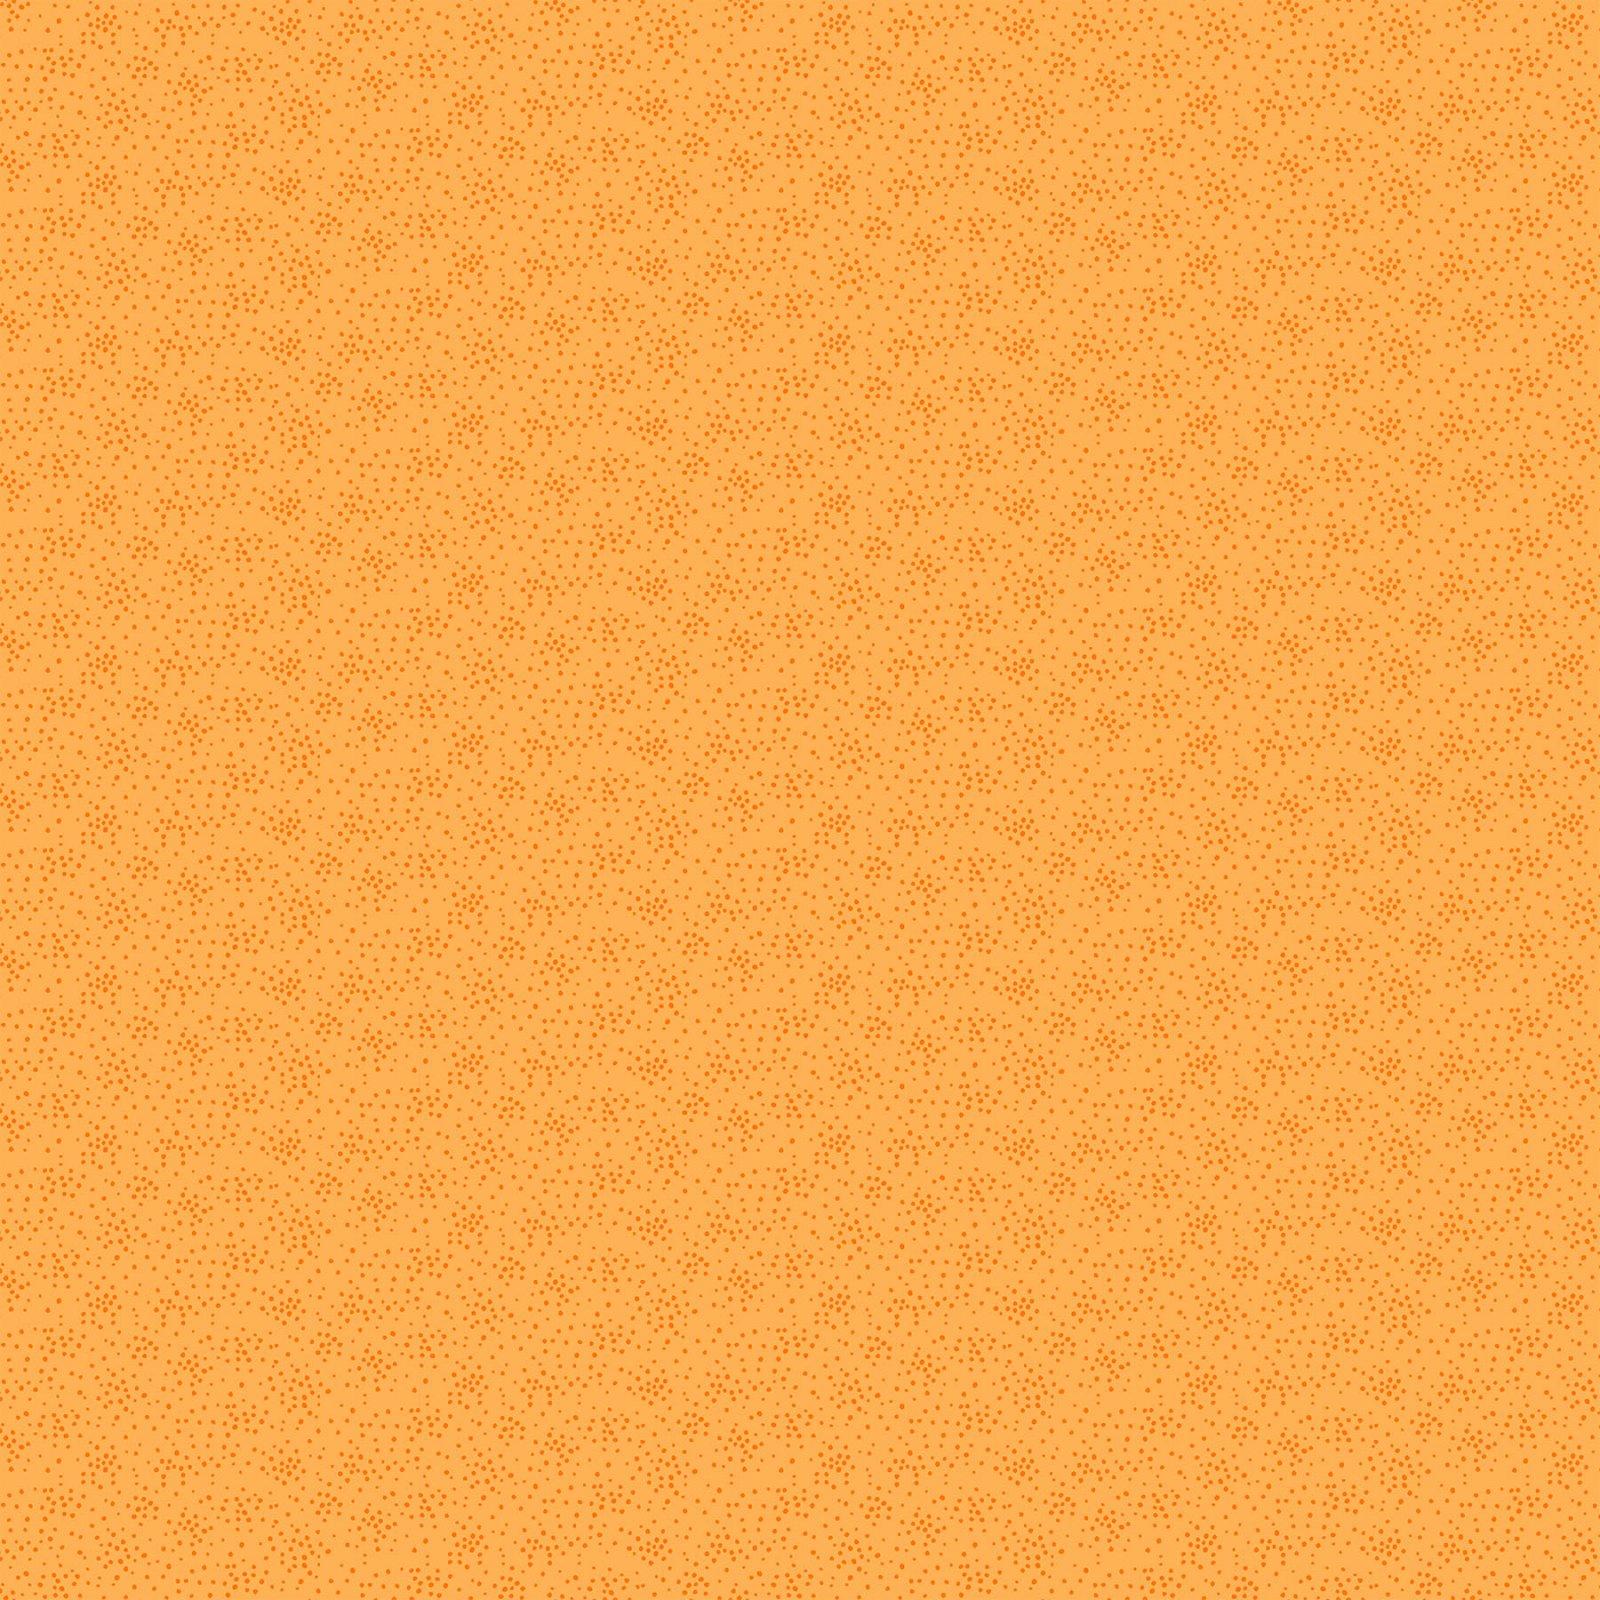 Grow by Pippa Shaw for Figo Fabrics - Seeds - Orange